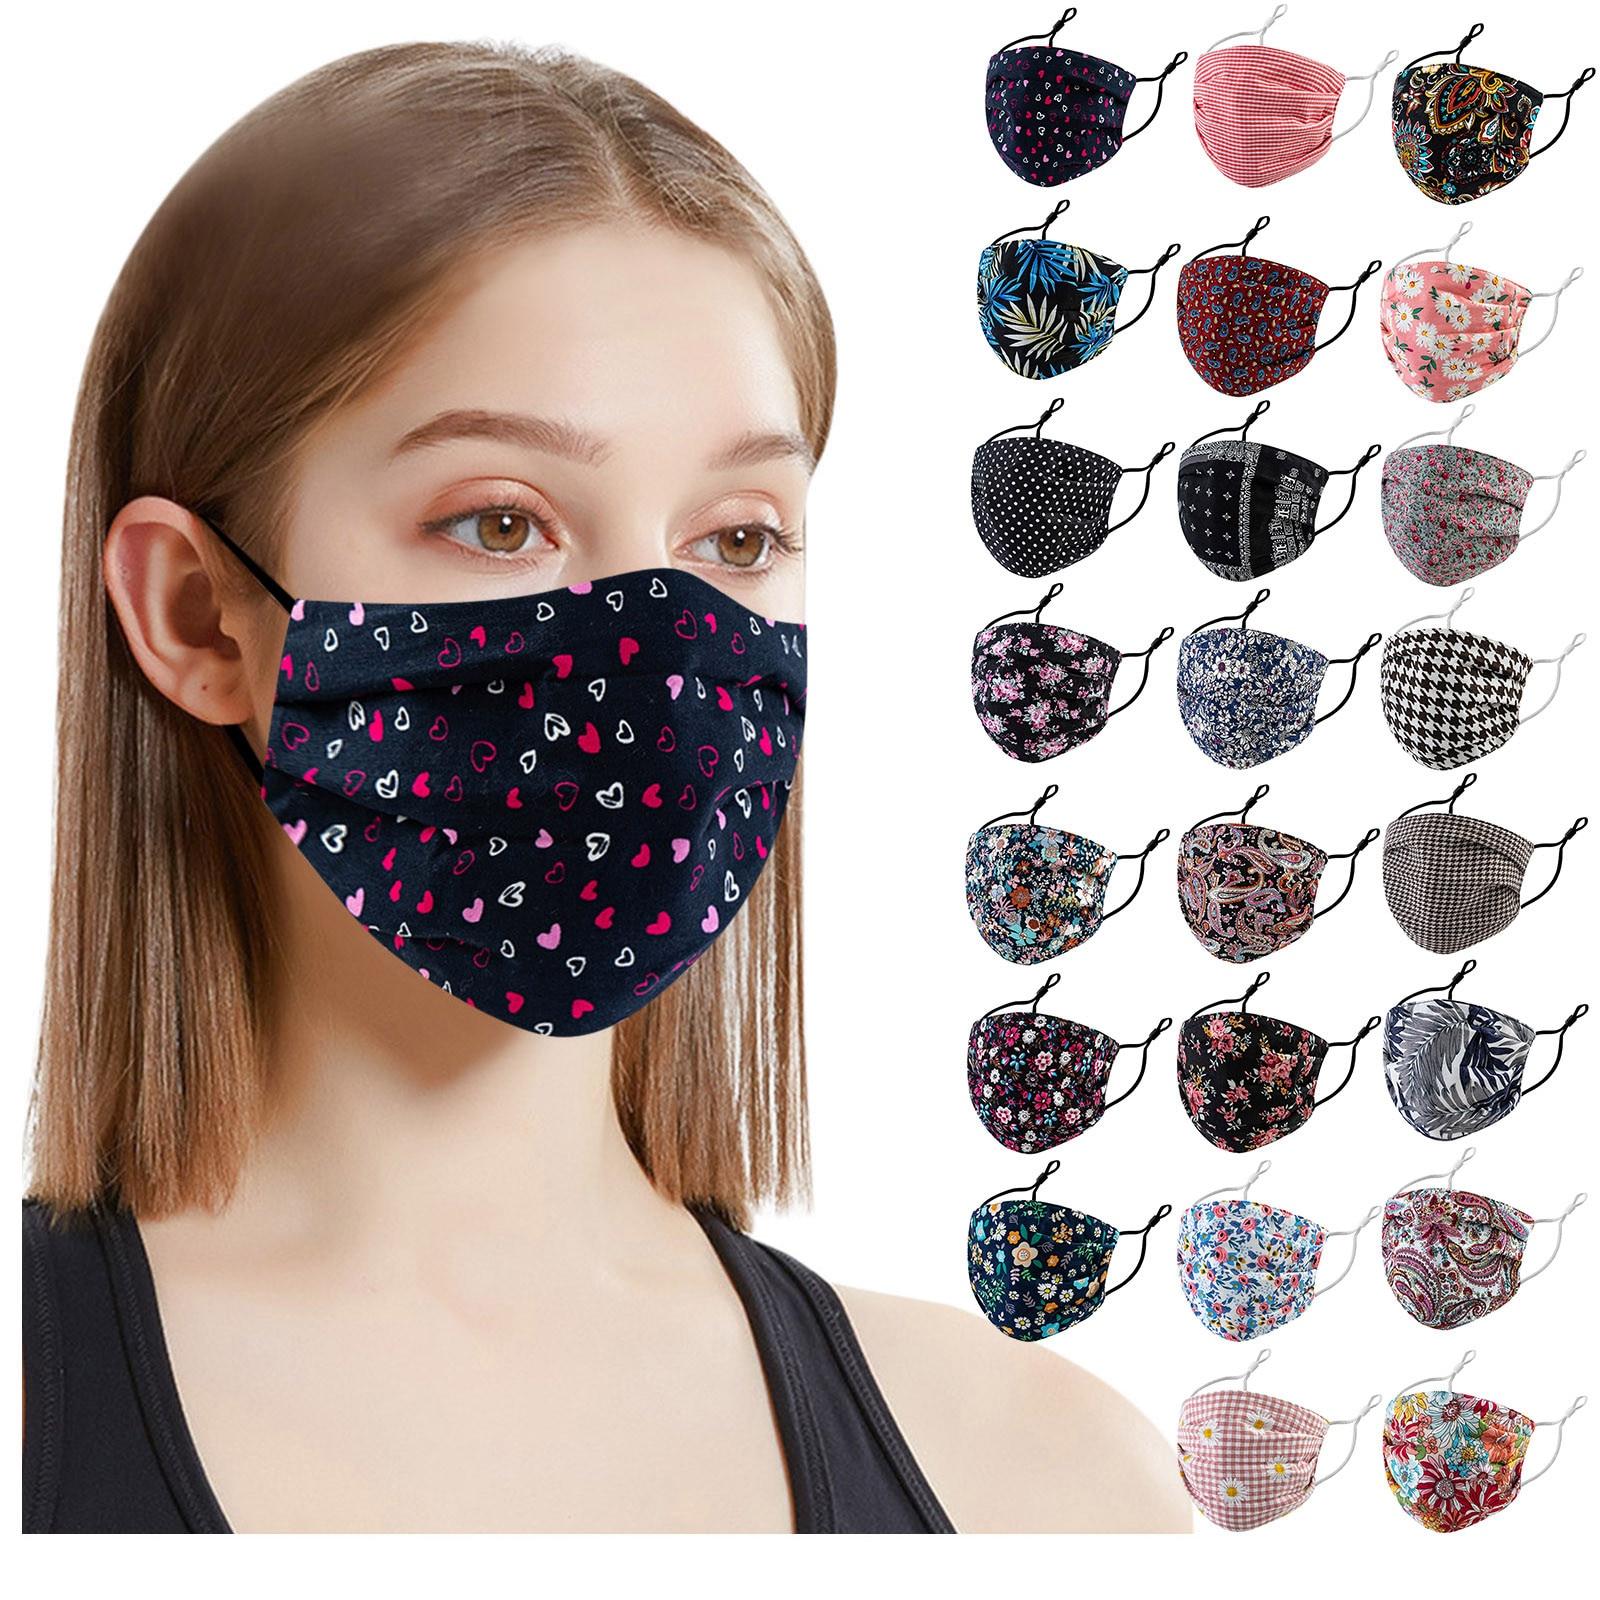 Взрослый многоразовые маски женские Цветочный принт уход за кожей лица маска моющиеся маска для лица ткани рот шапки маски с цветами унисек...